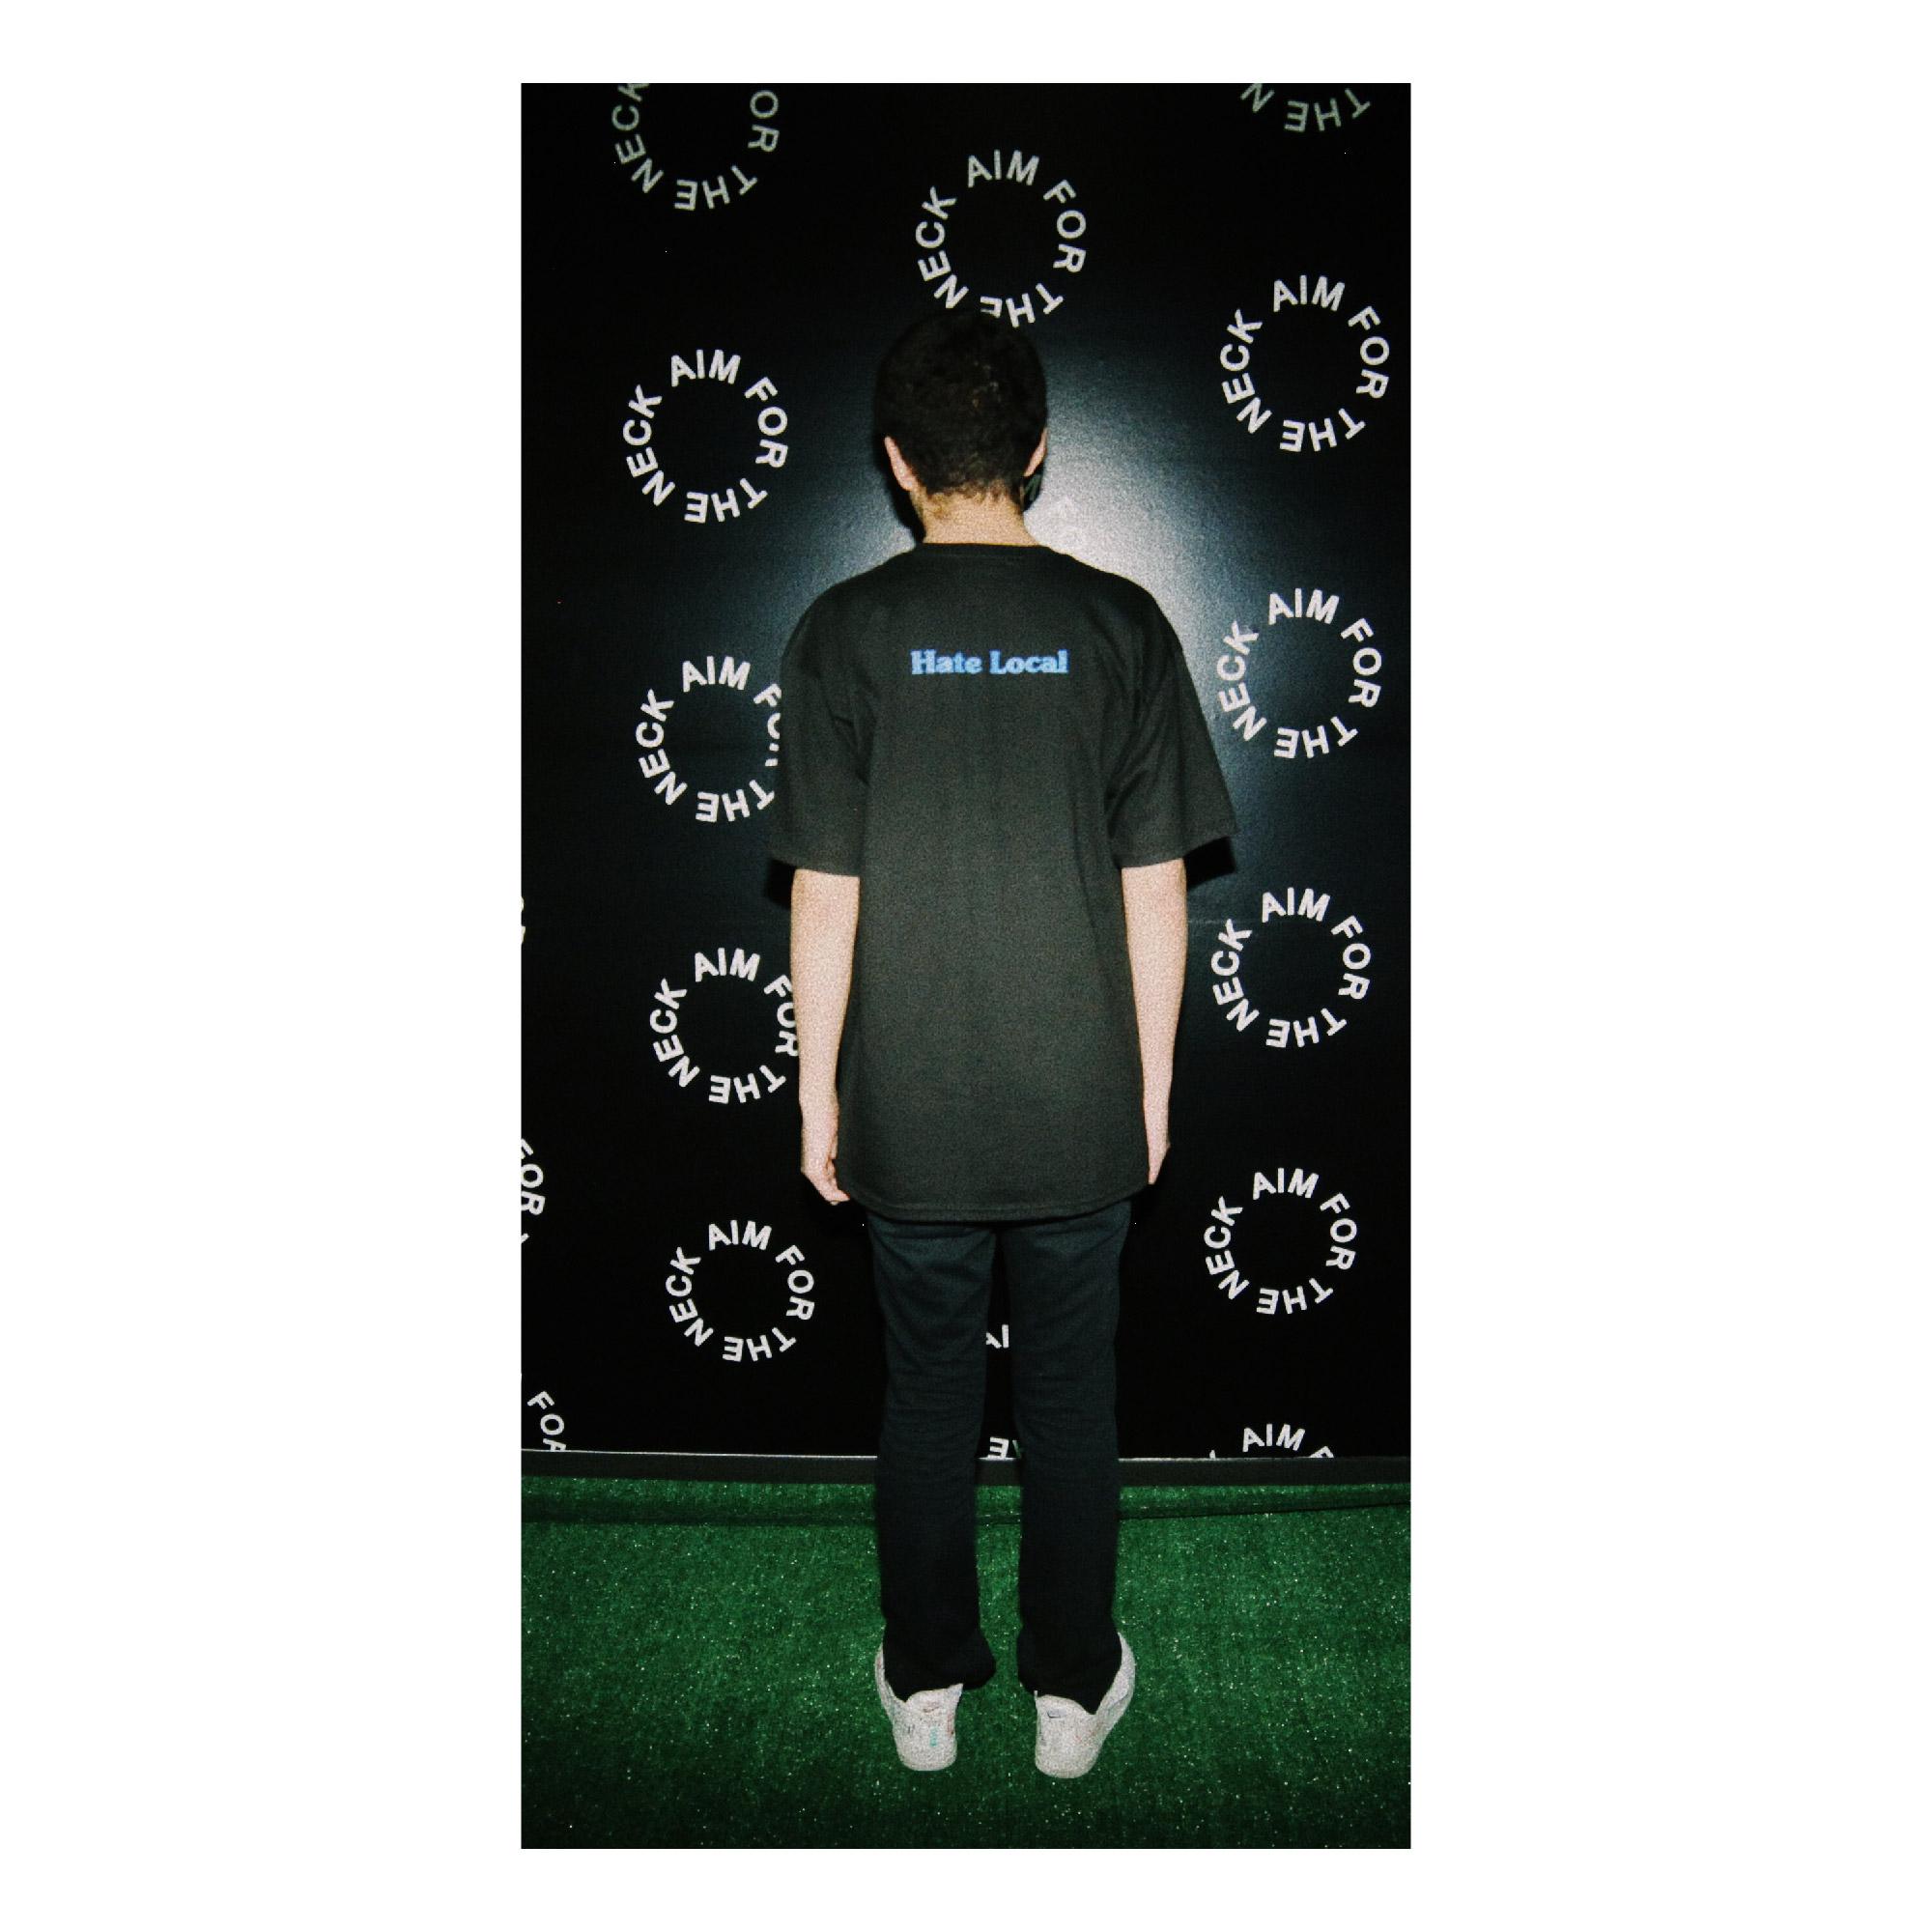 Blacklovelocal-03.jpg